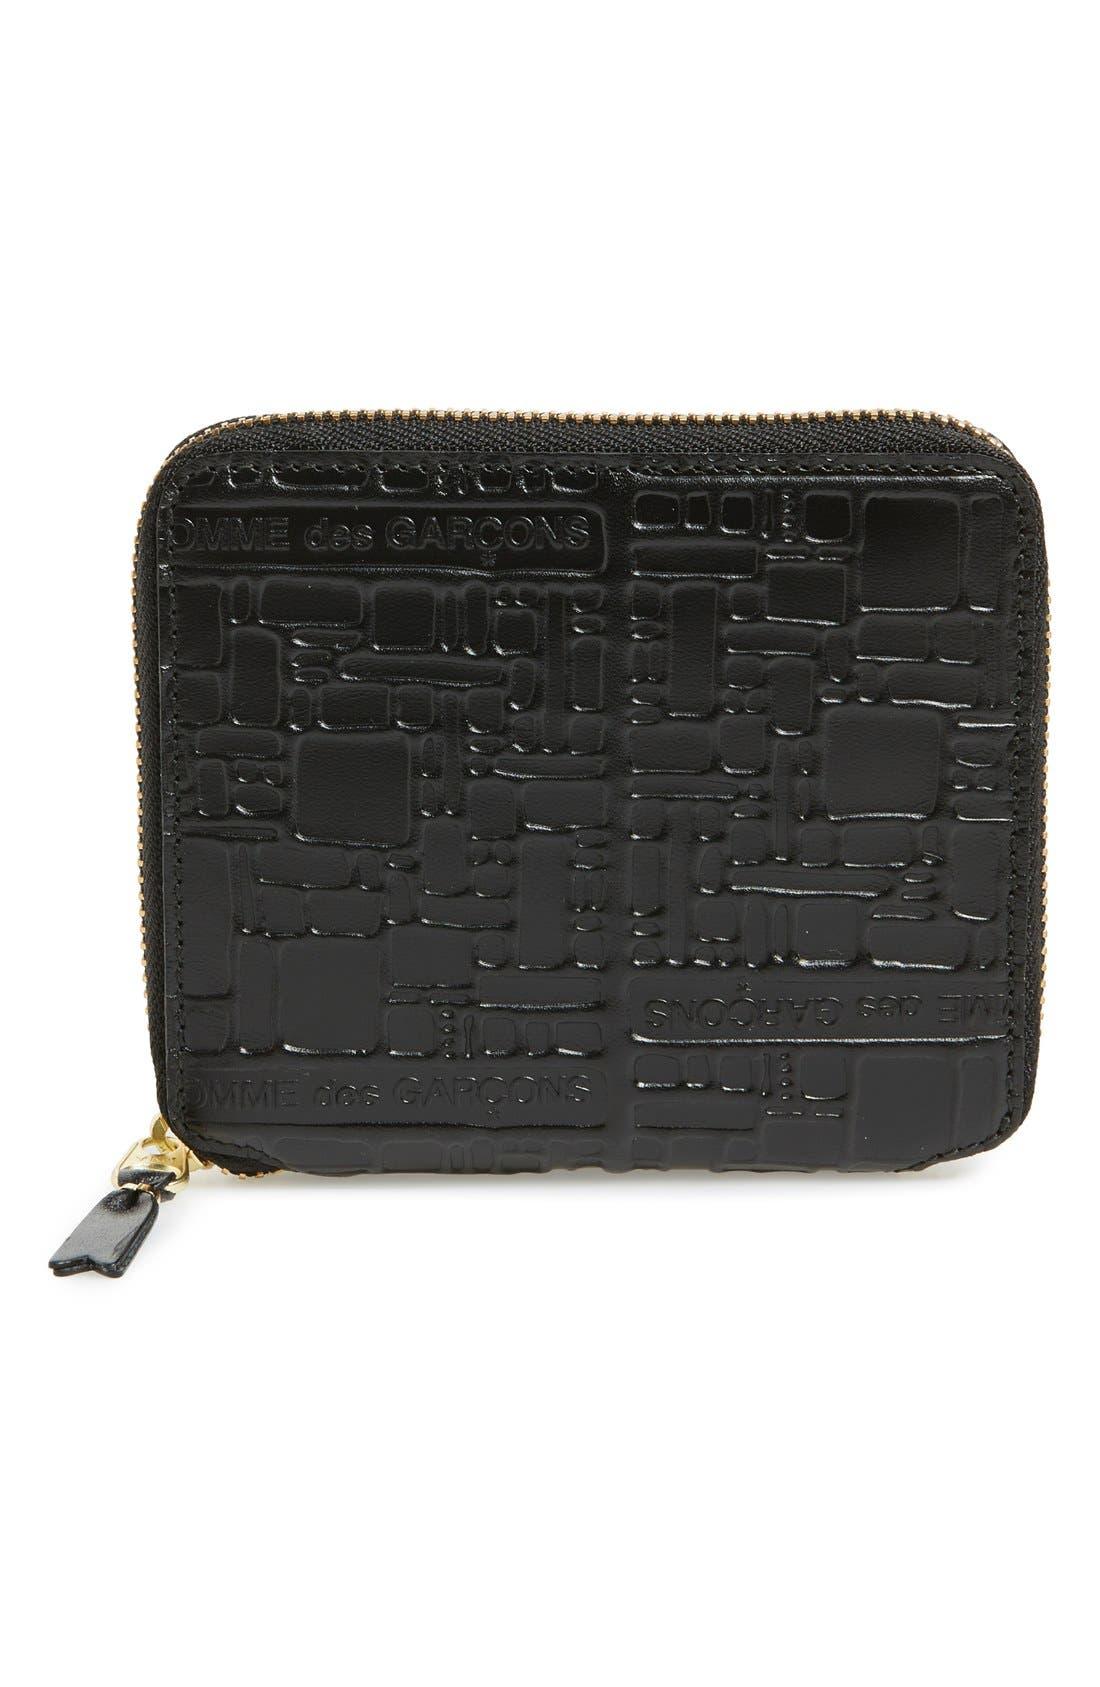 Comme de Garçons Embossed French Wallet,                             Main thumbnail 1, color,                             Black